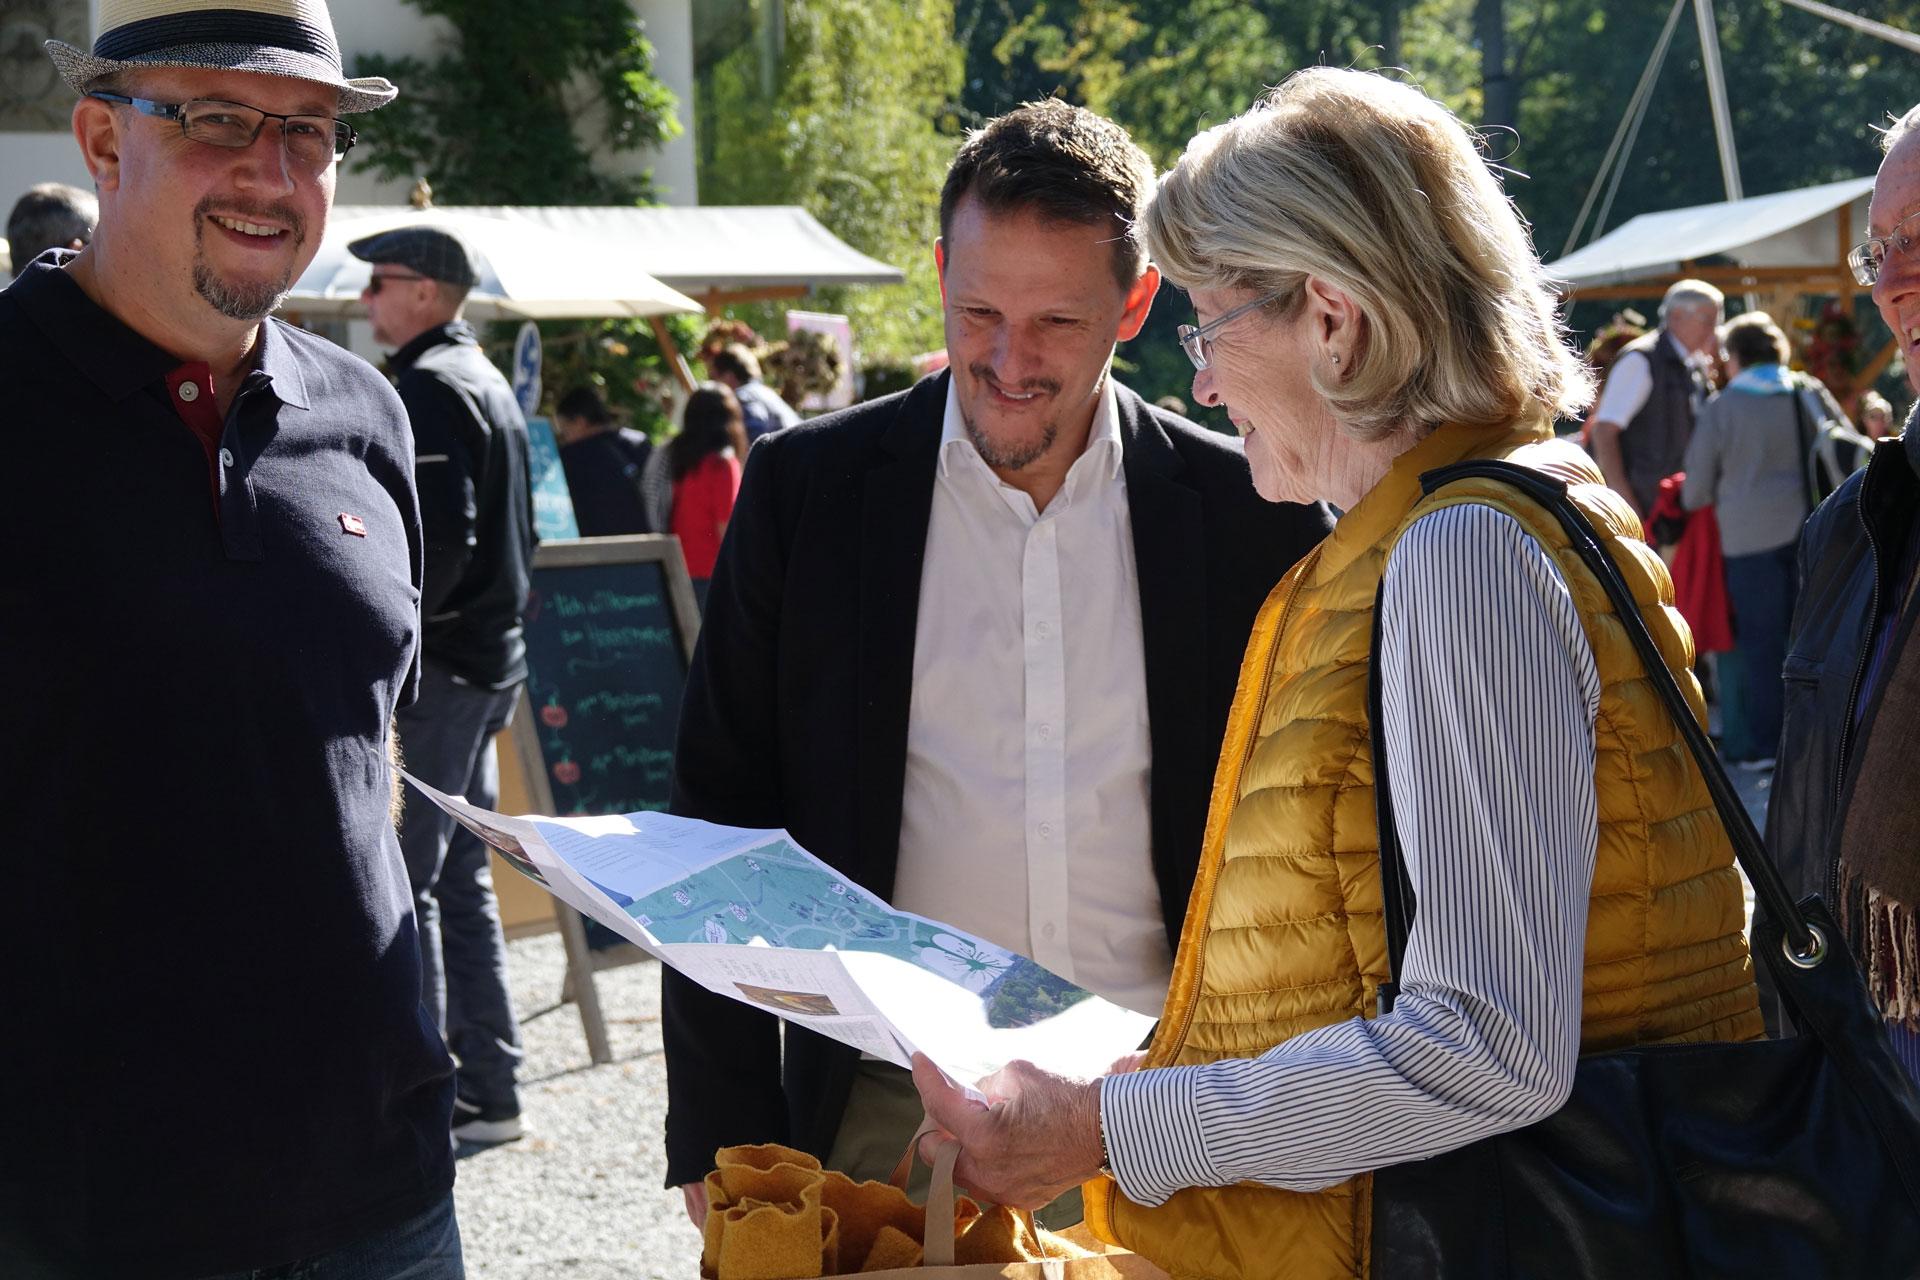 Wartegg_HerbstmarktFest2019_03.JPG